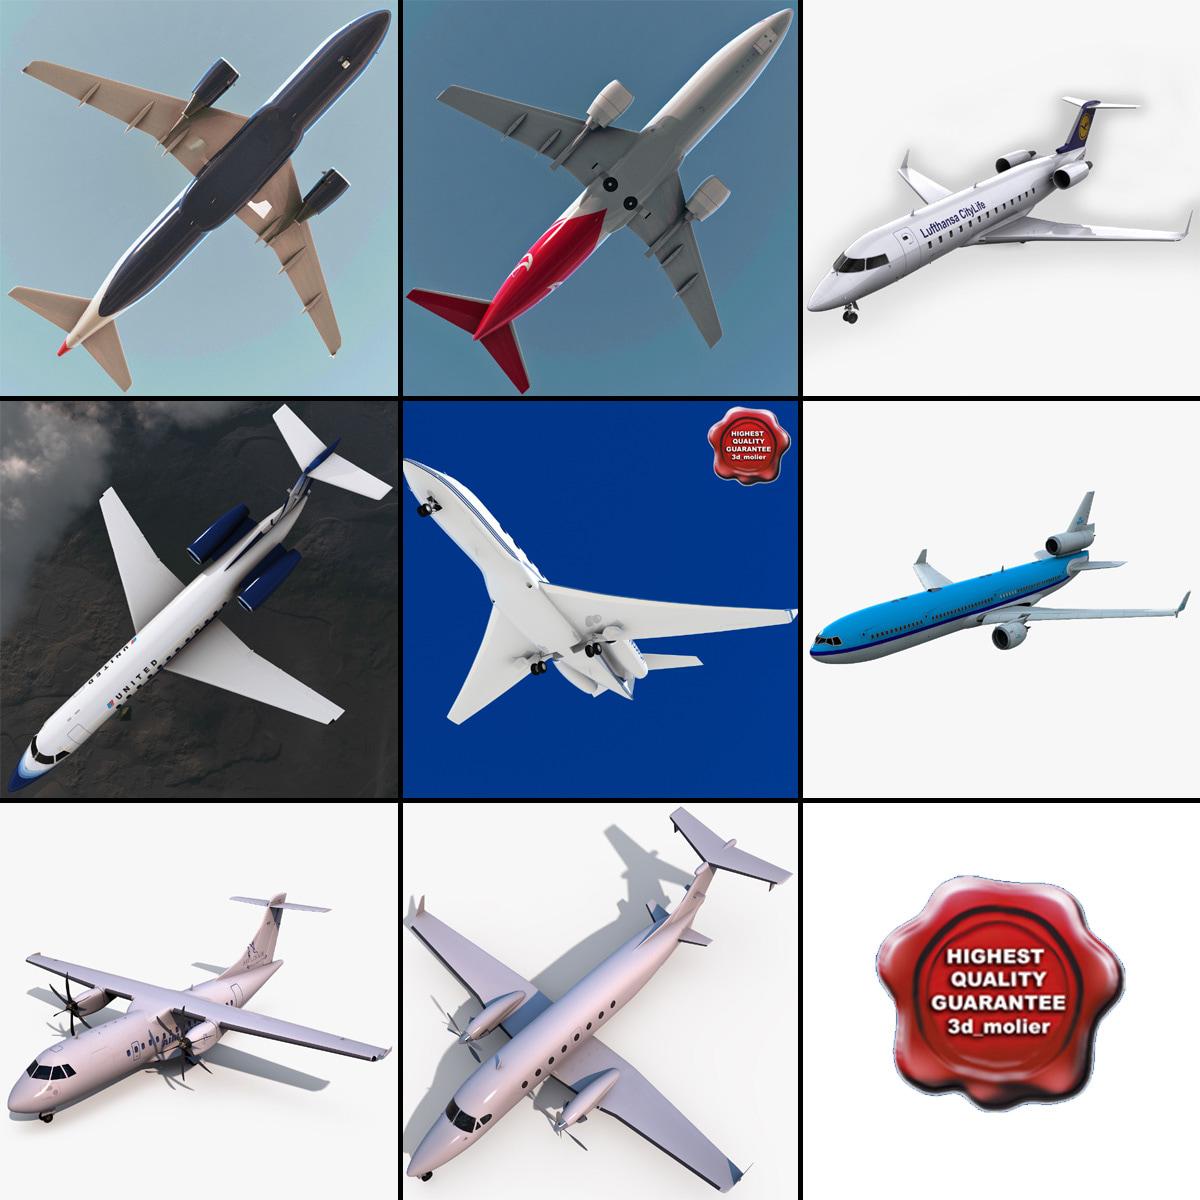 Airplanes copy.jpg